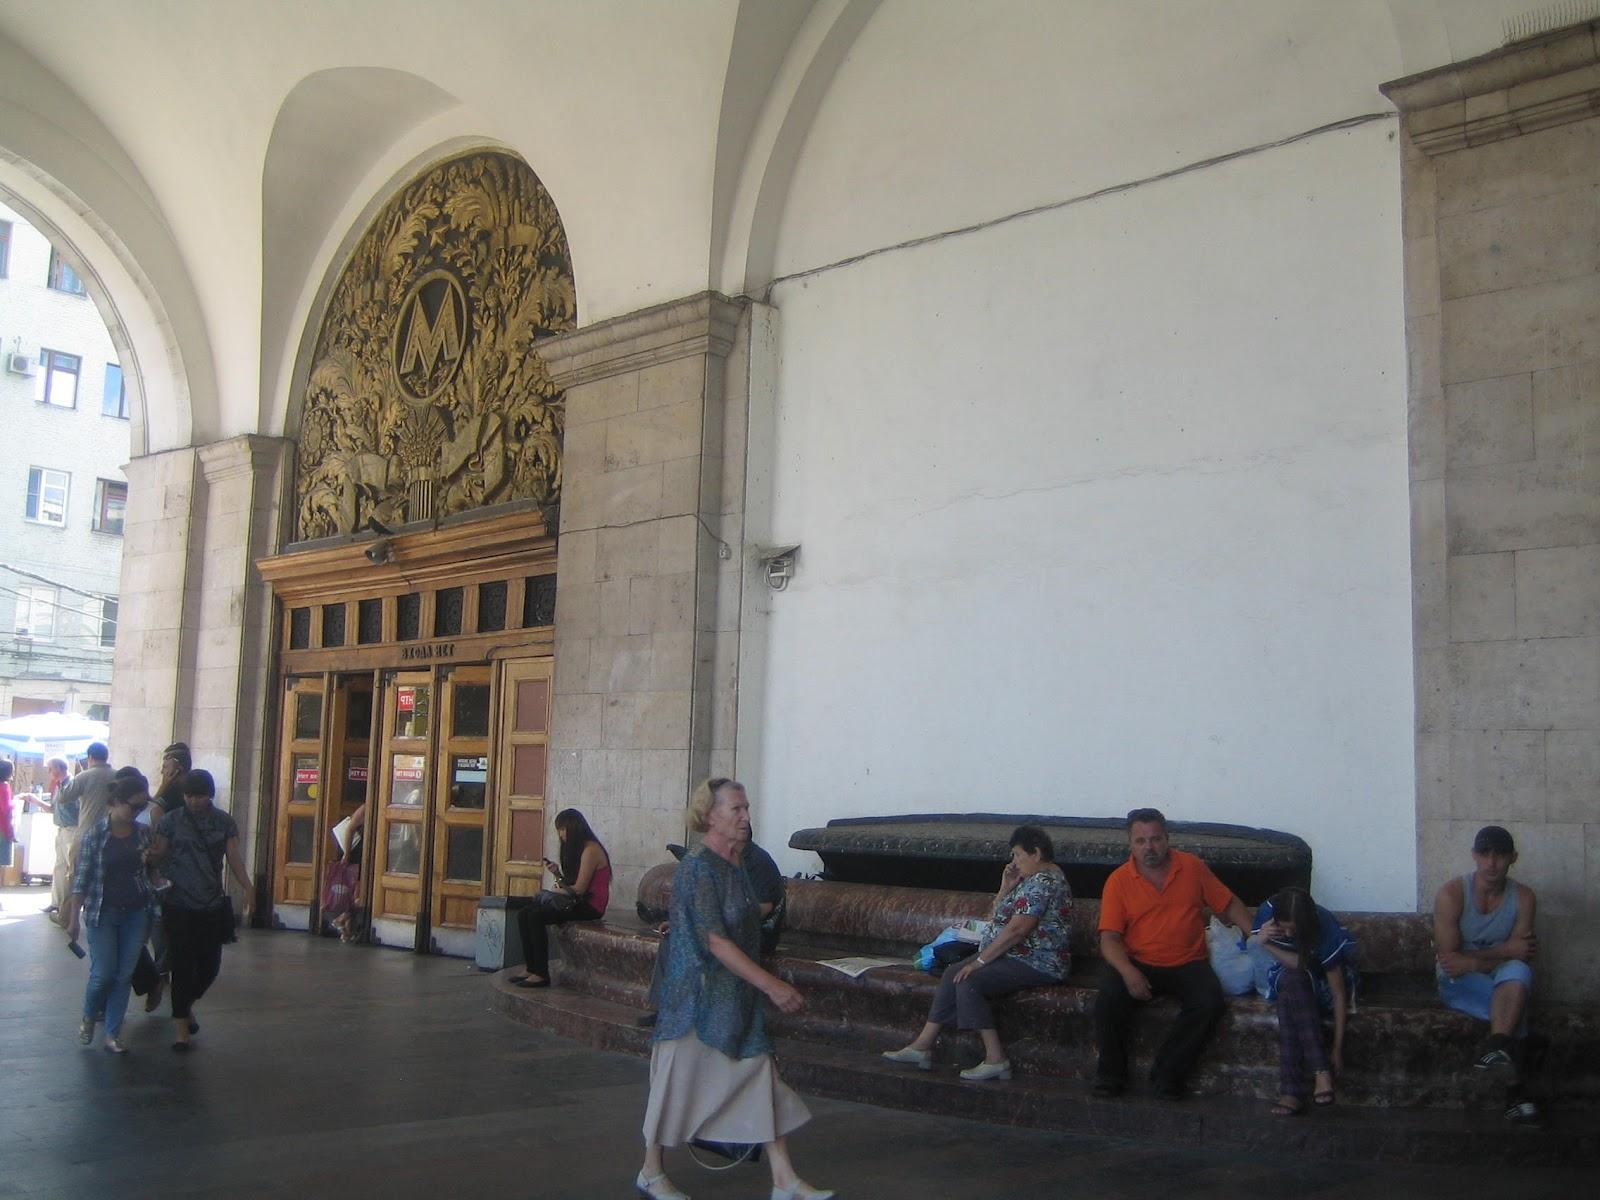 схема выхода станции метро белорусская радиальная